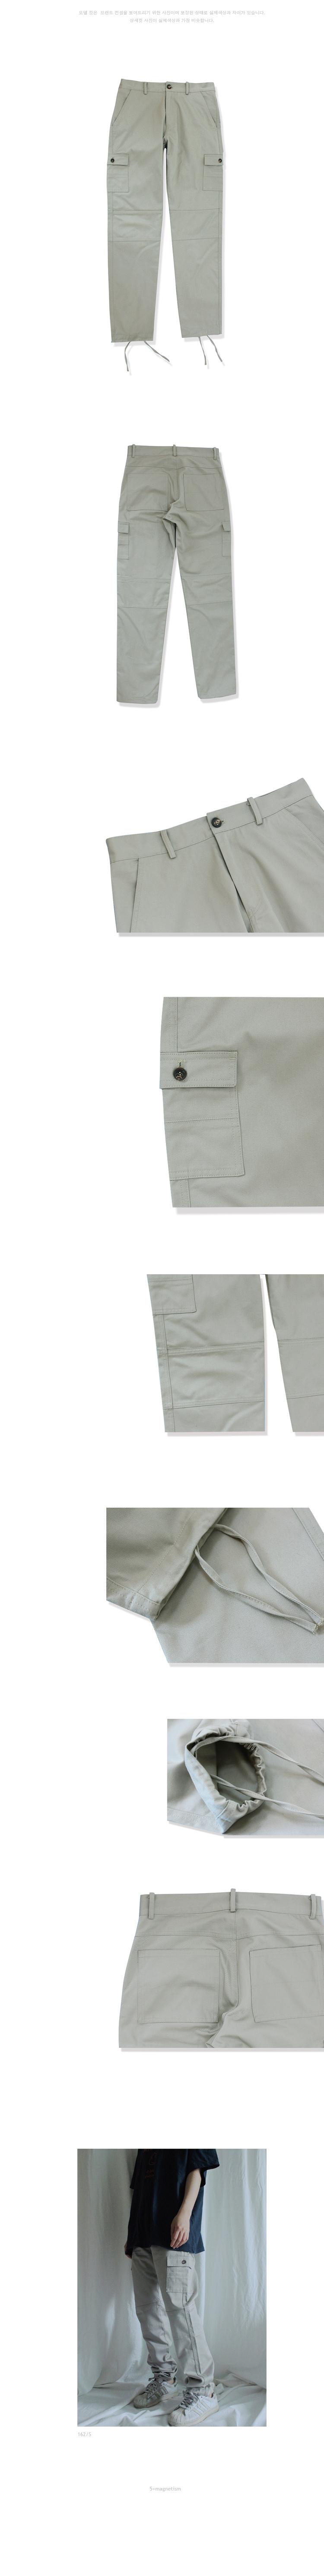 누아네임(NUANAME) 5P18 (regular tapered fit jogger pants b.yg)